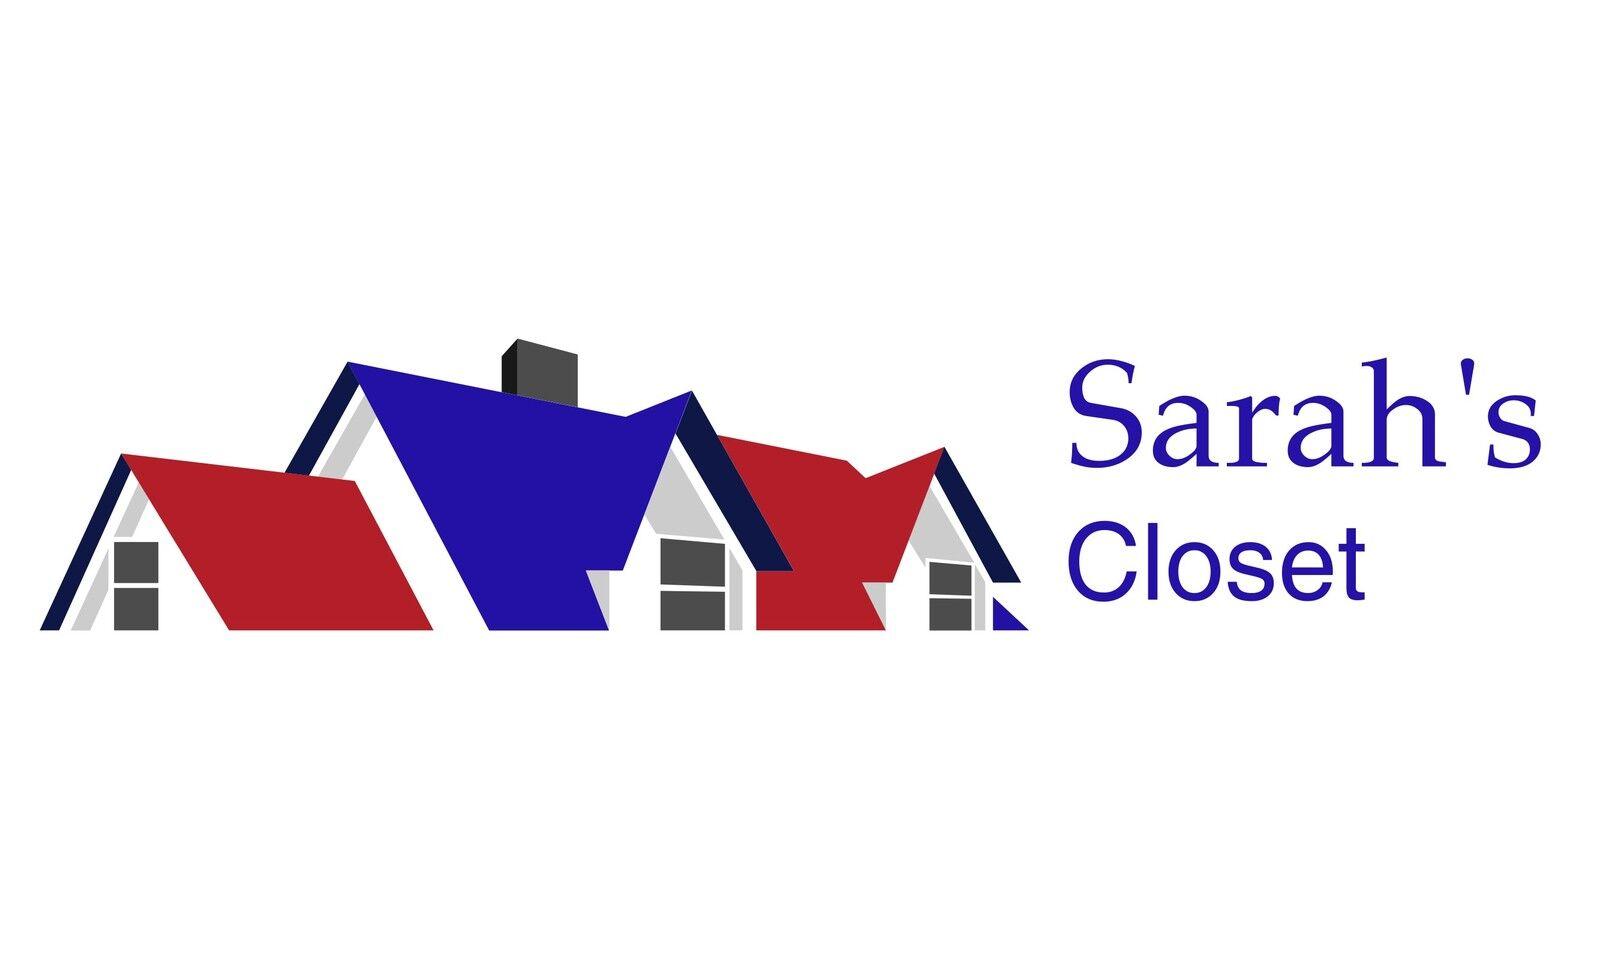 Sarah's Closet LLC